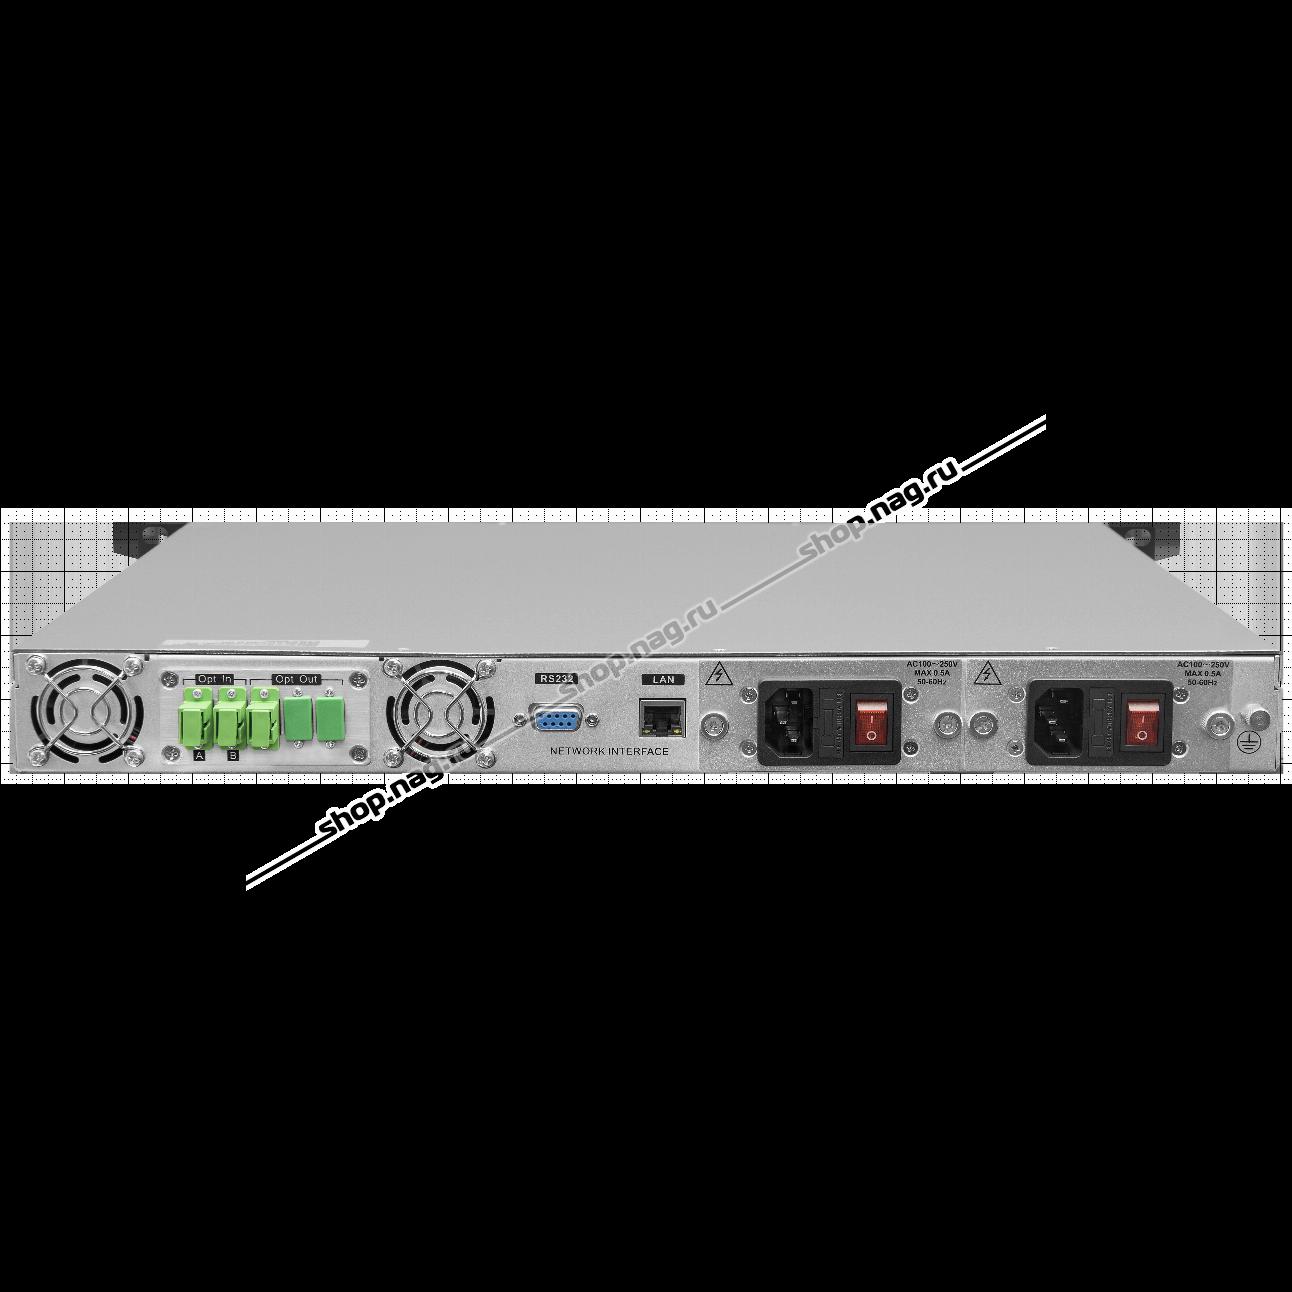 Оптический усилитель VERMAX для сетей КТВ, 18dBm выход, 2 входа